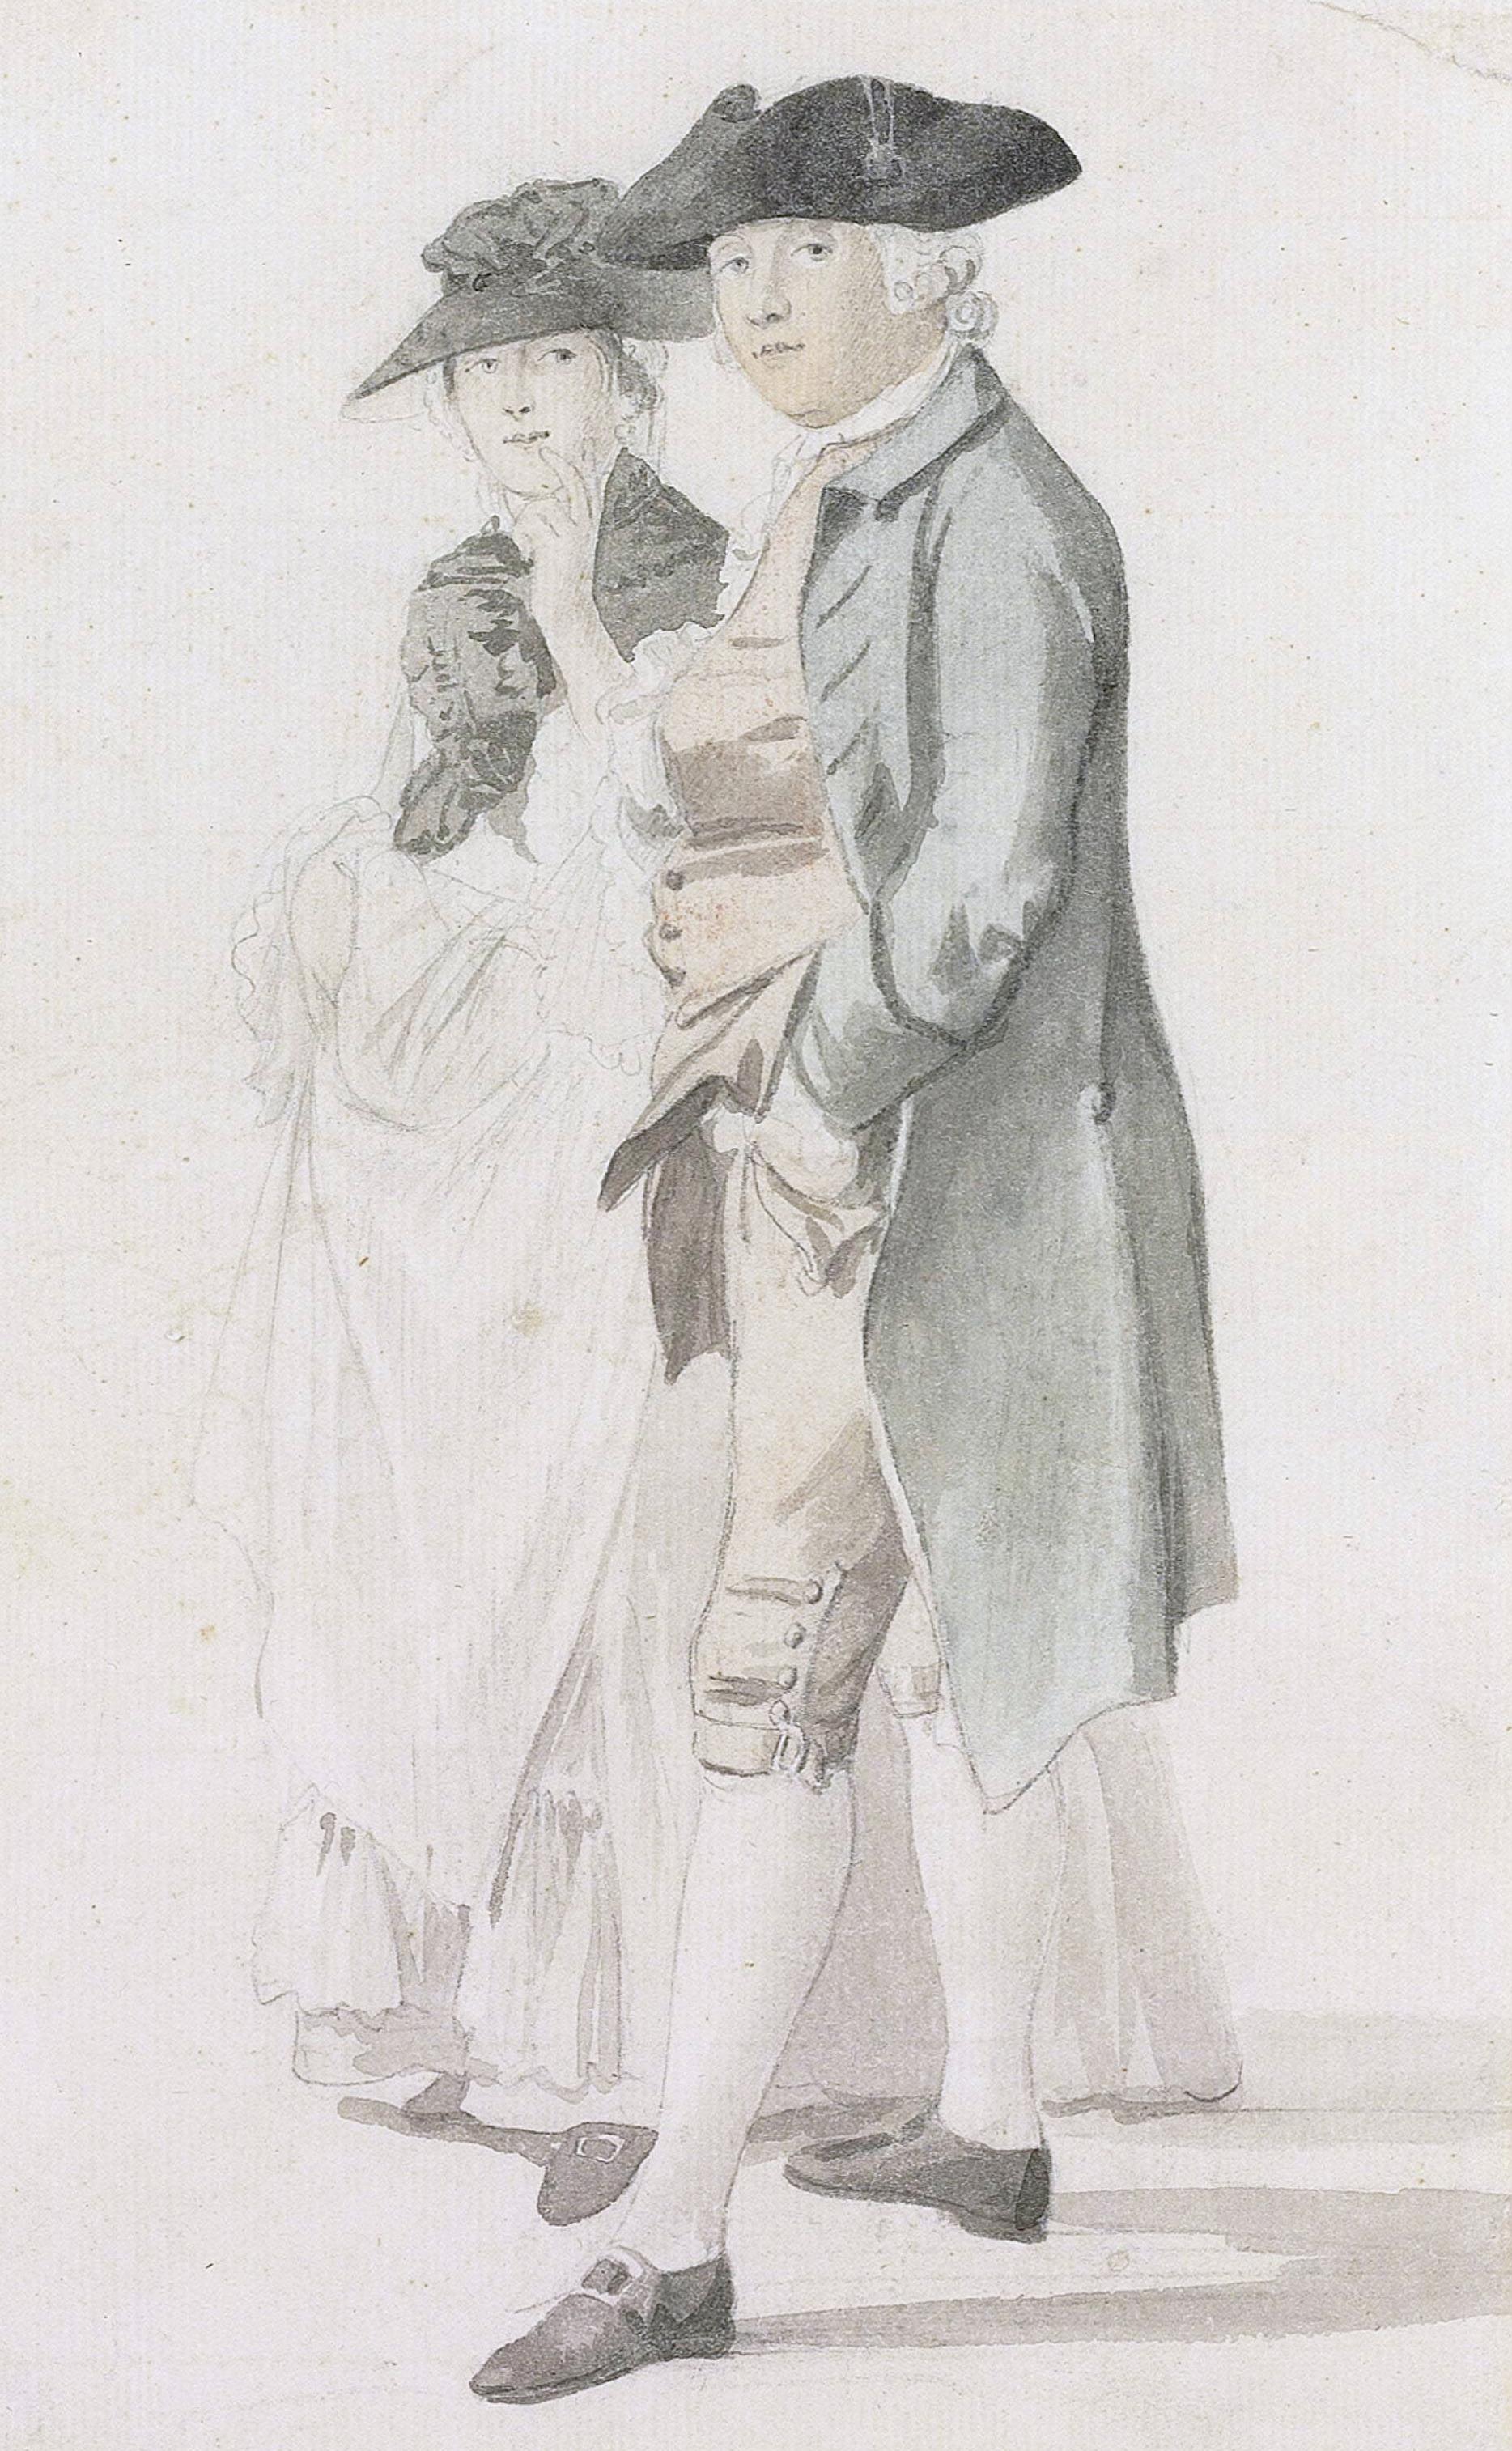 George Alexander Stevens and Mrs Paul Sandby ([[Paul Sandby